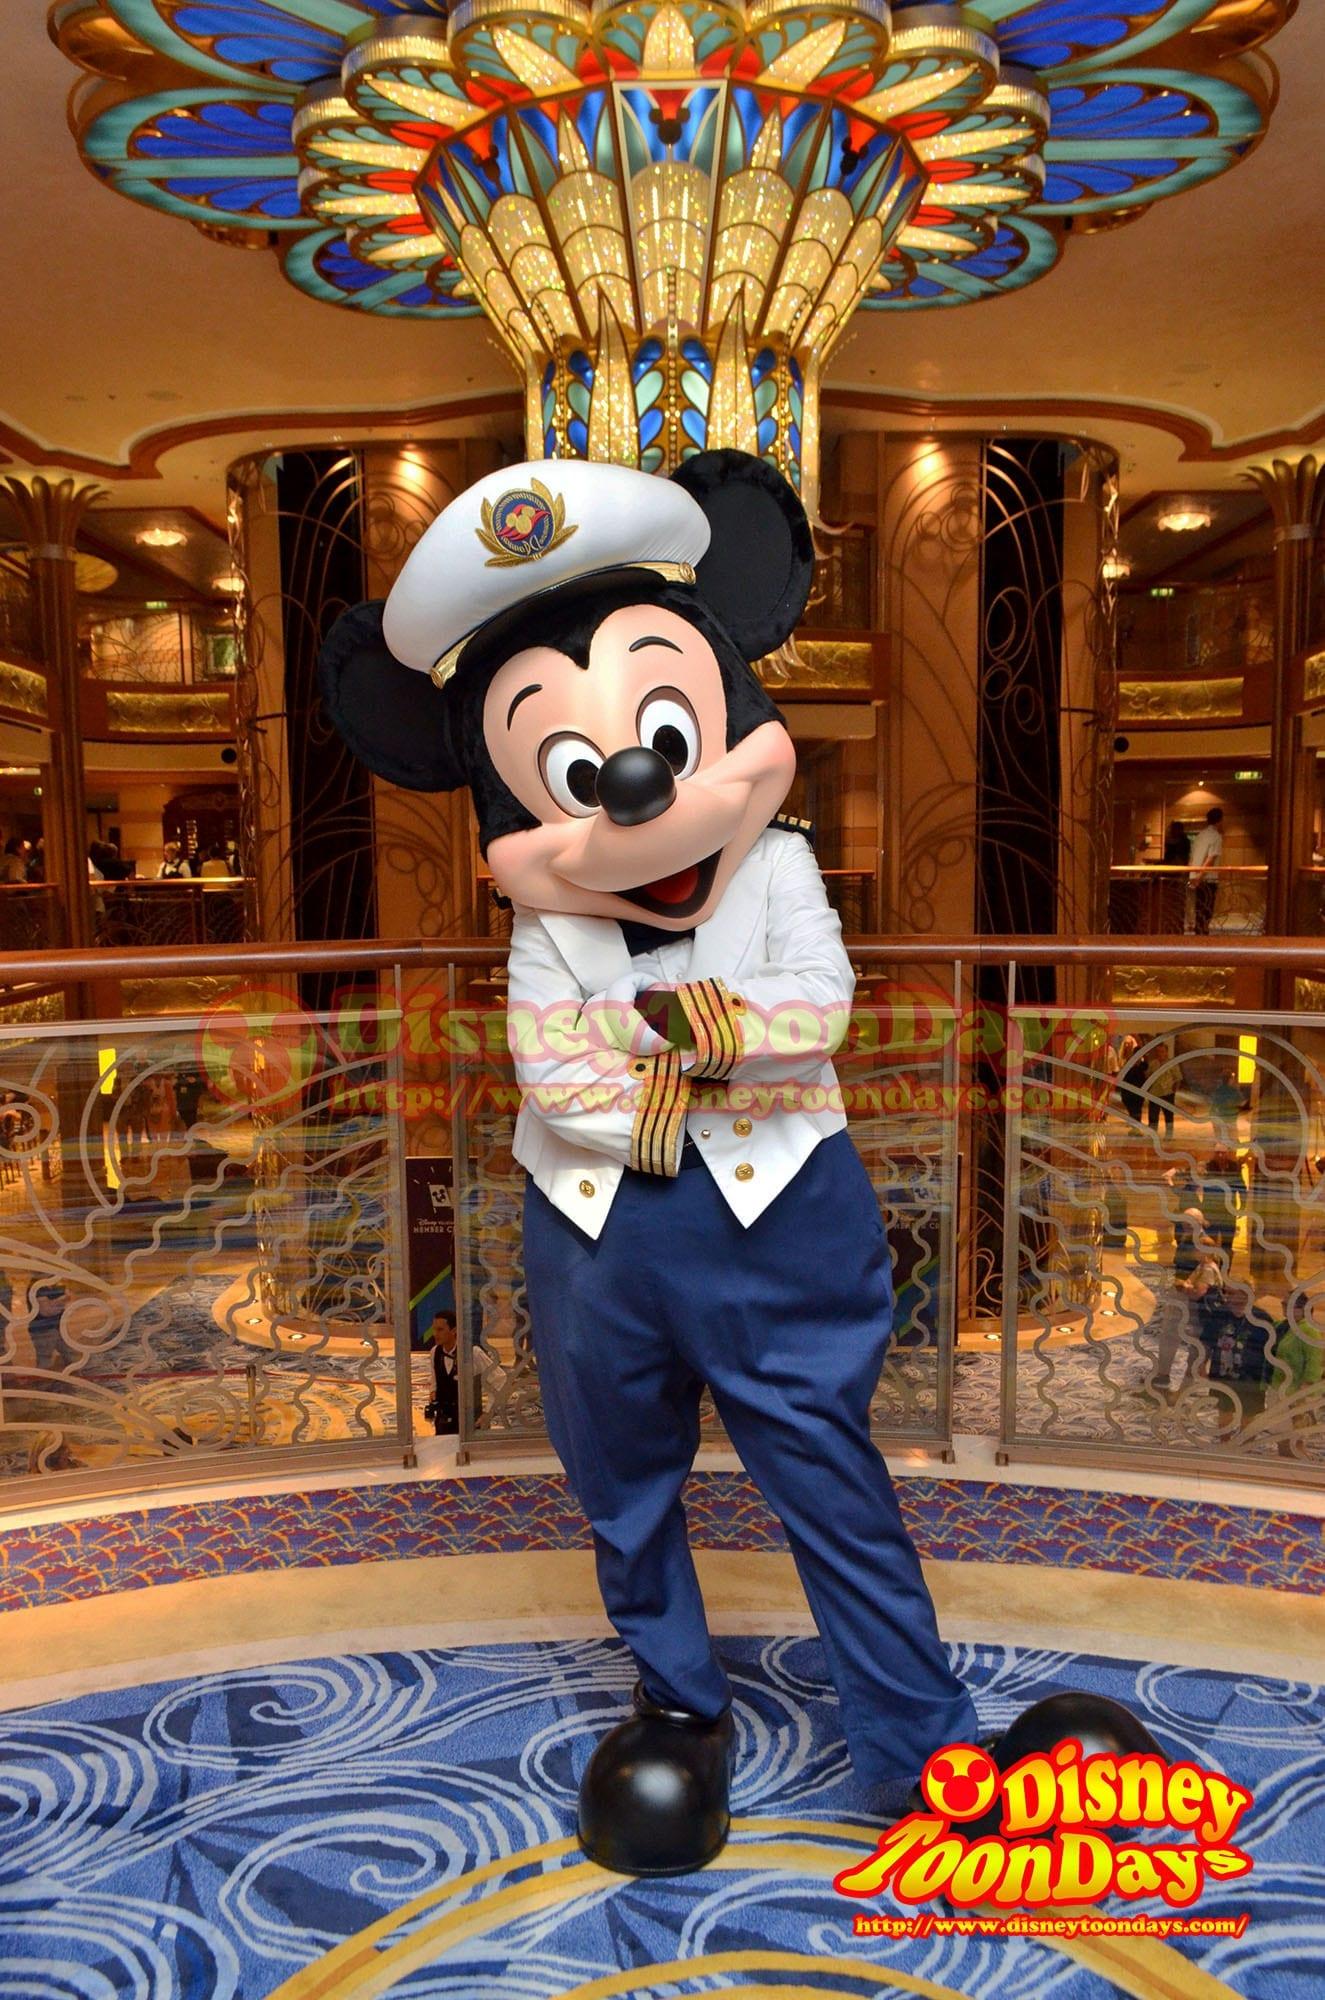 ディズニークルーズライン バハマ航路 マジック号 フォーマルデー ミッキーマウス